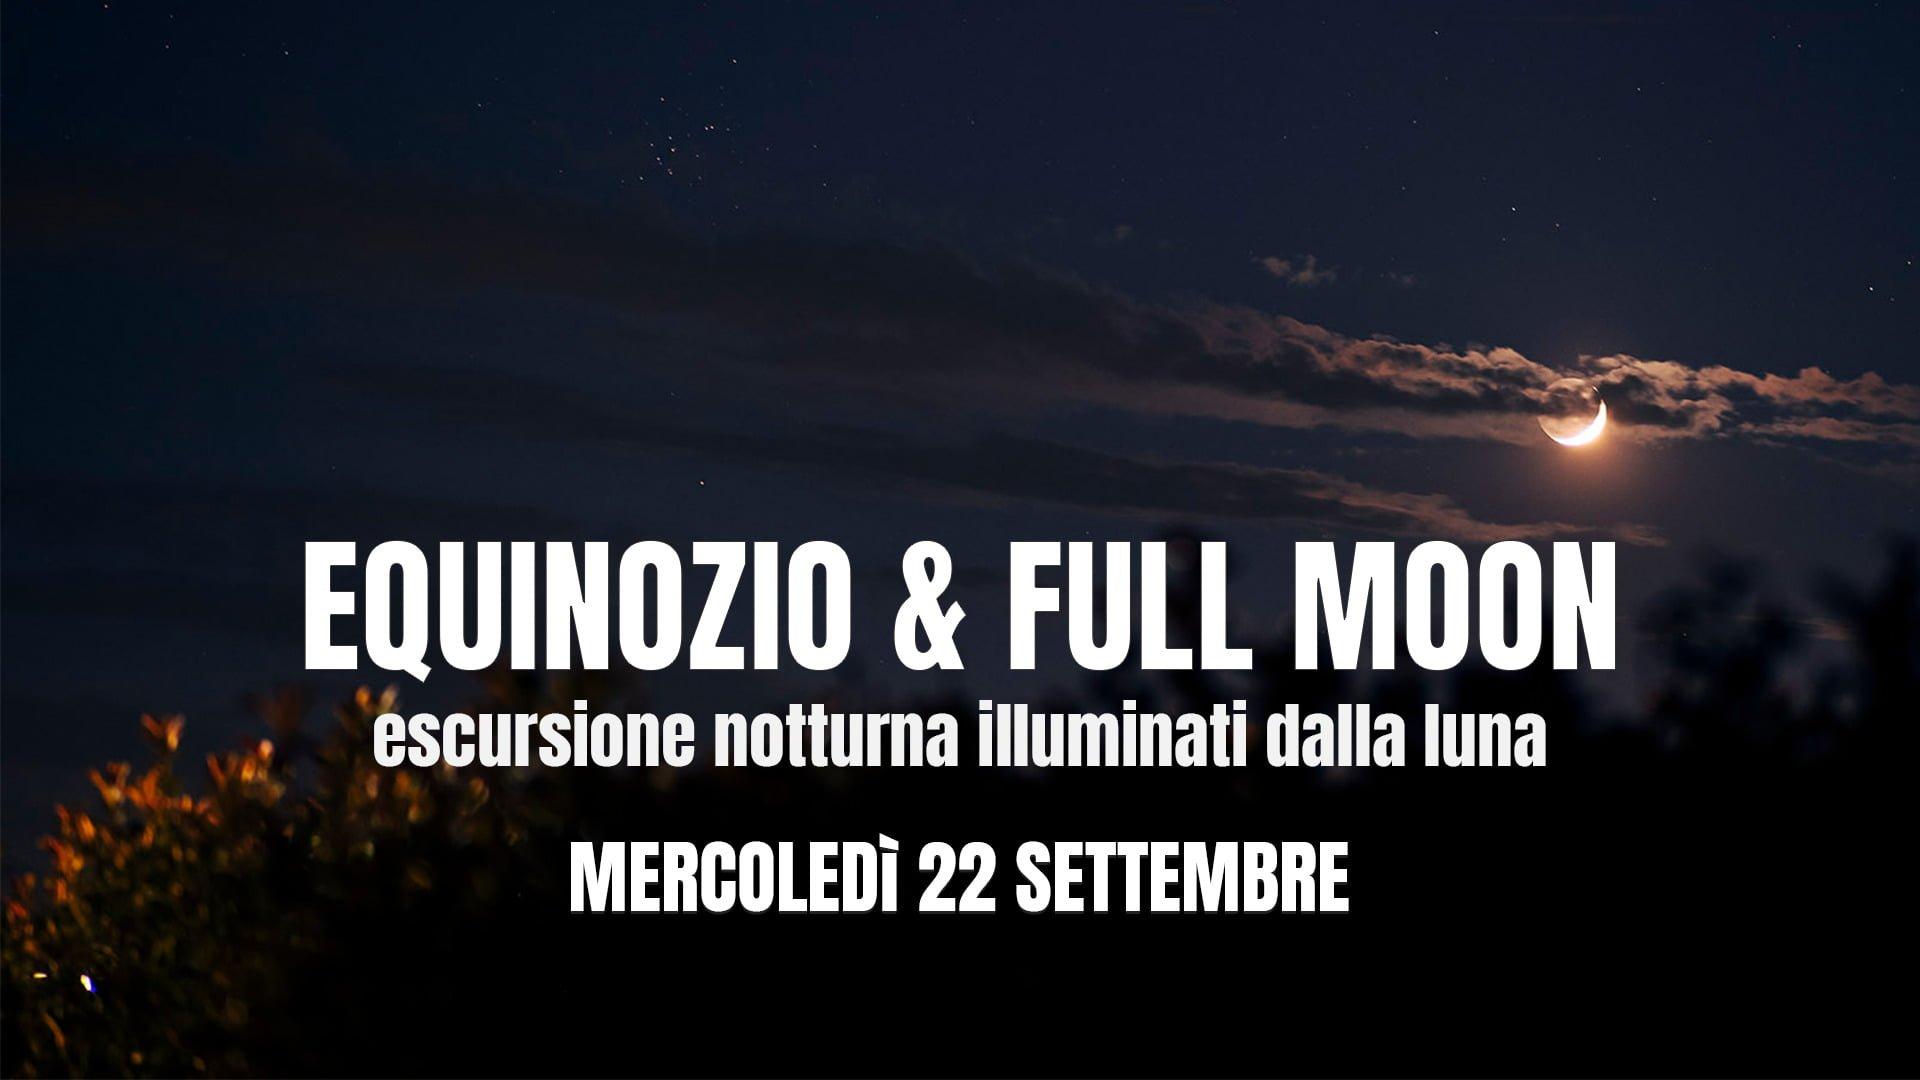 Equinozio & Full Moon